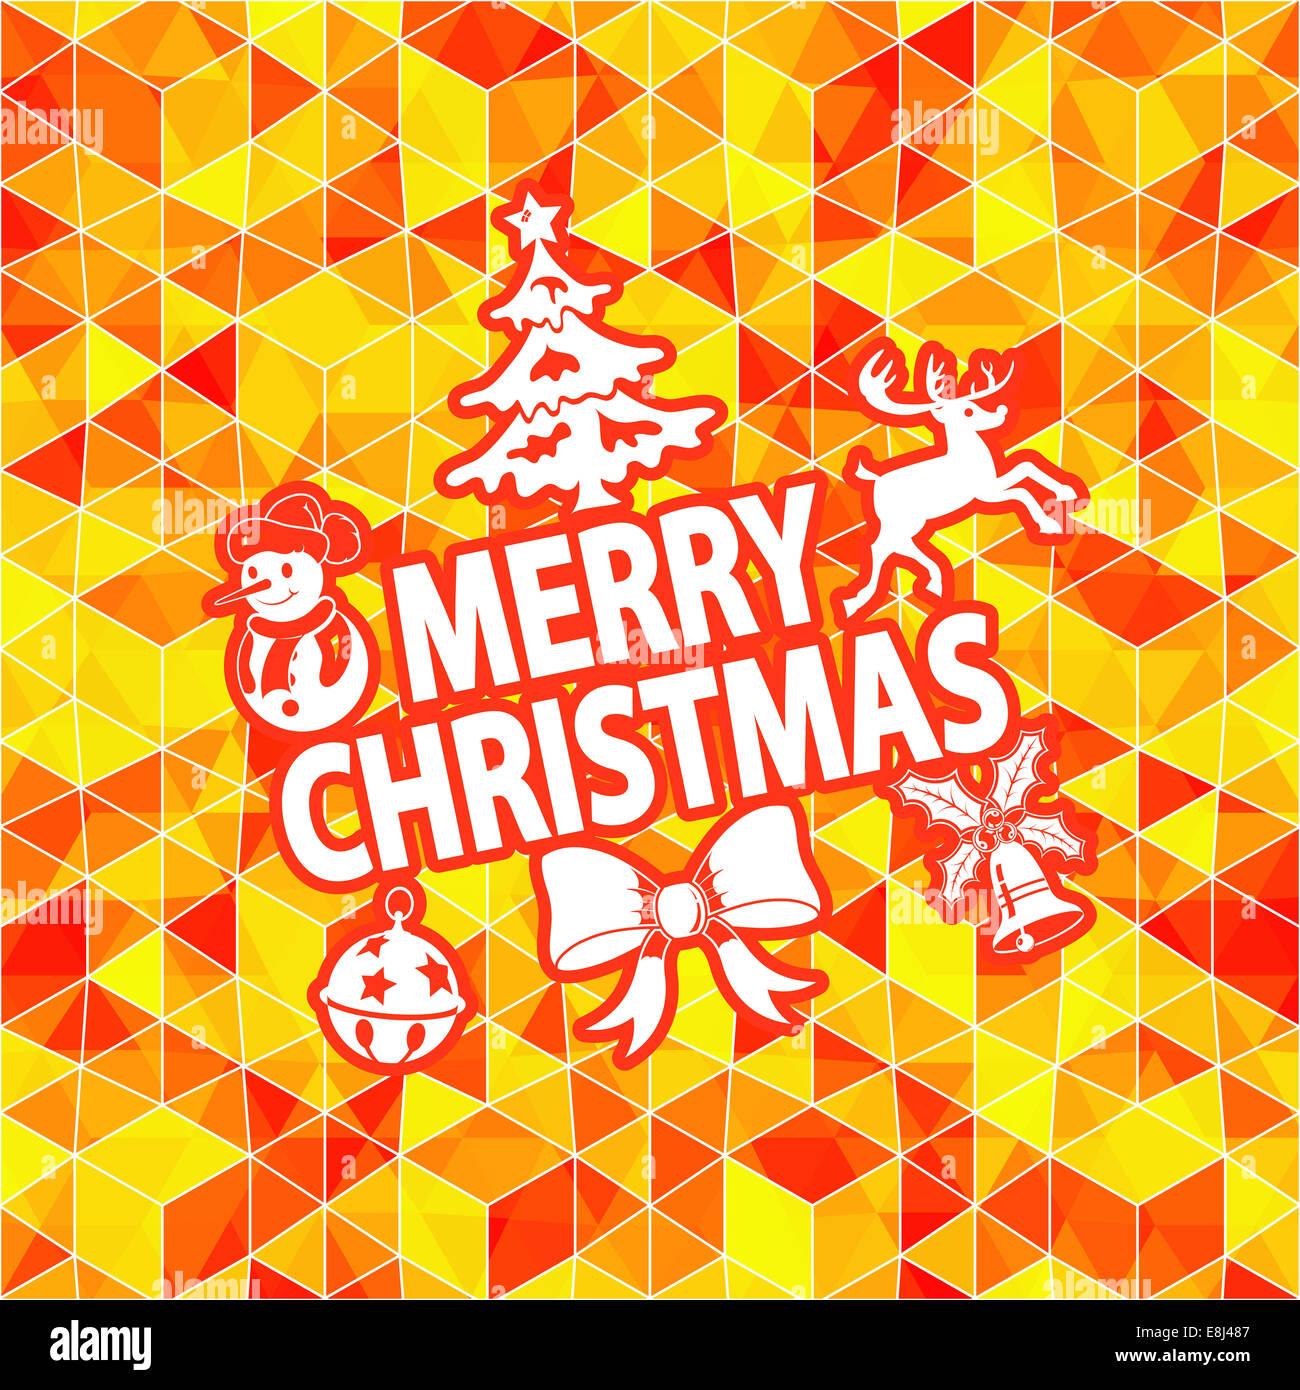 Weihnachten Konzept Mit Bell Hirsch Schneemann Baum Und Bogen Auf